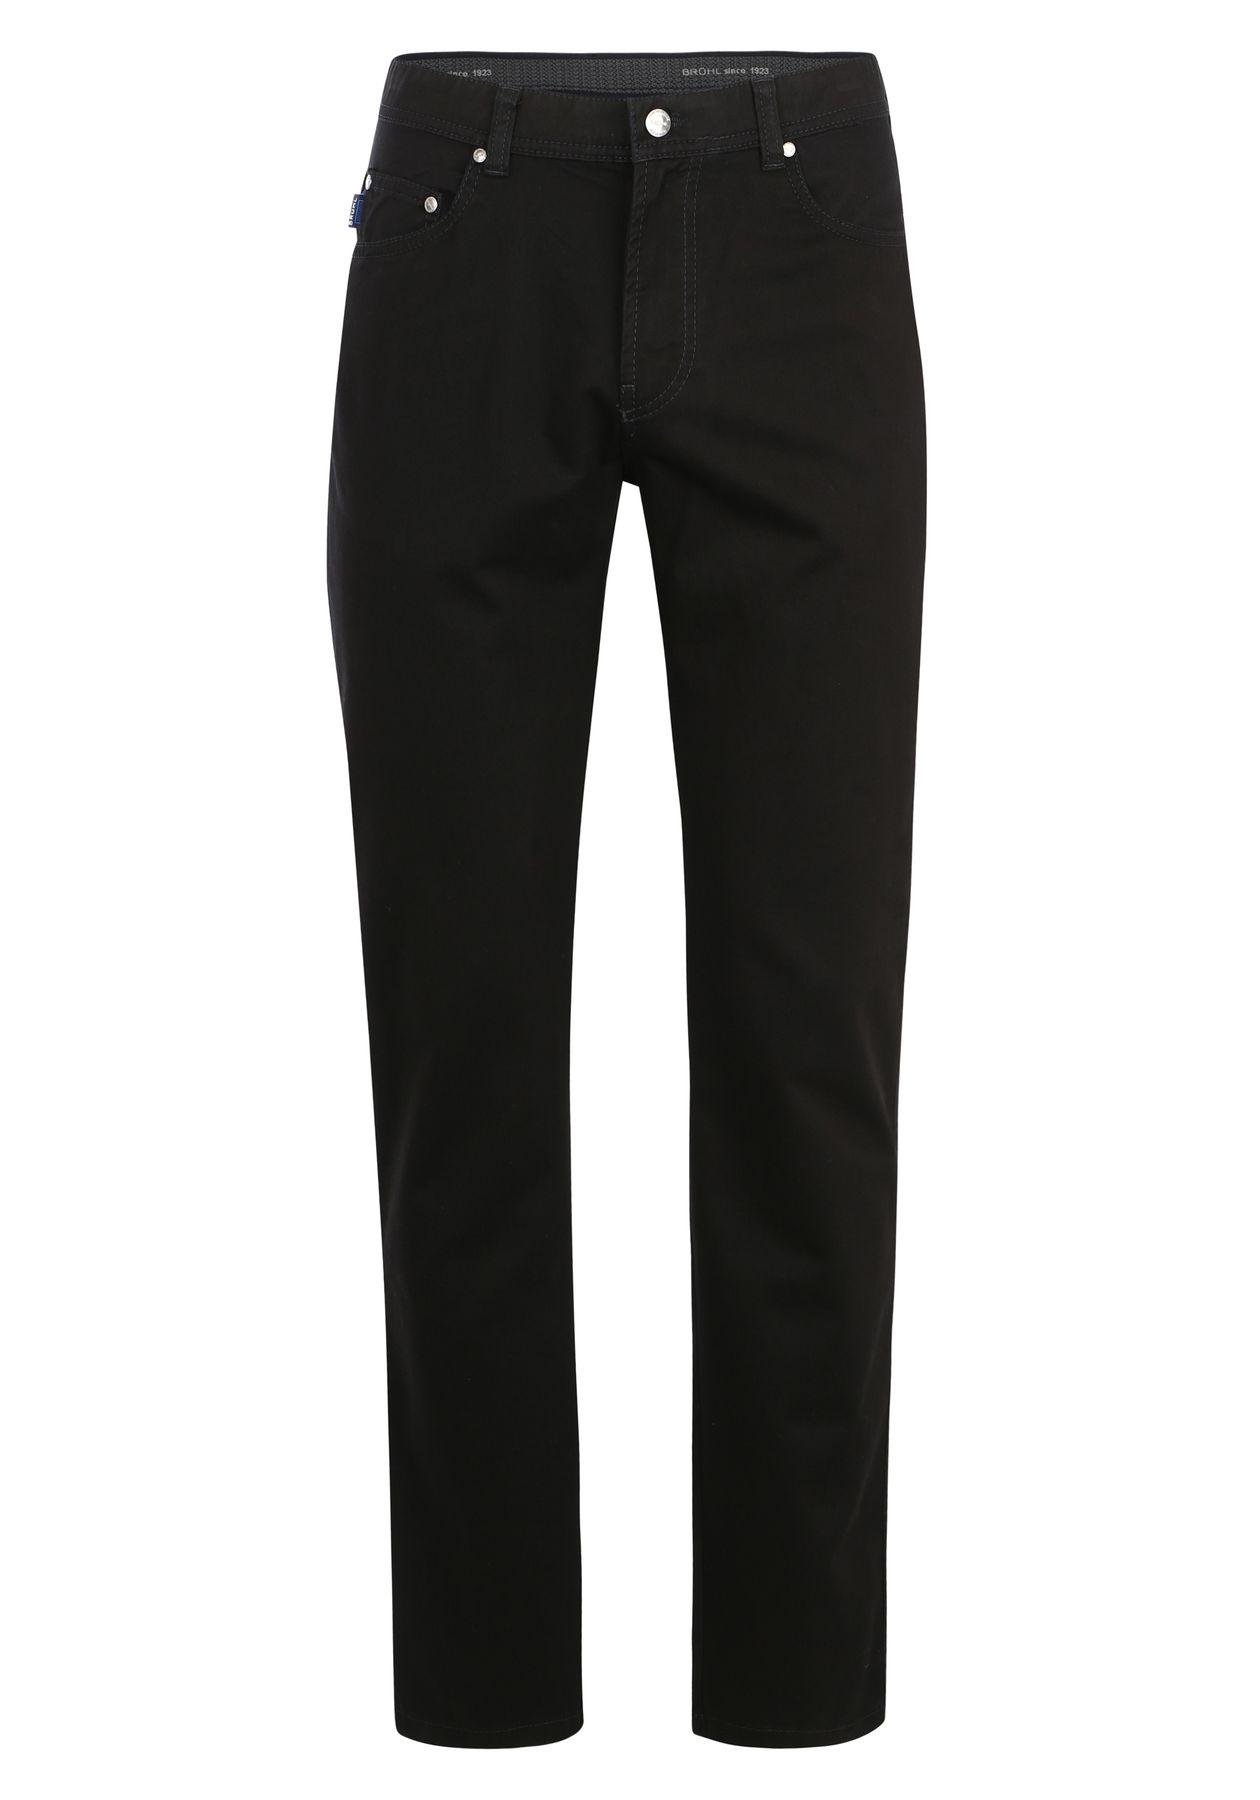 Brühl - Herren 5-Pocket Baumwollhose in blau oder schwarz, Genua 3 (0534182700100) – Bild 3